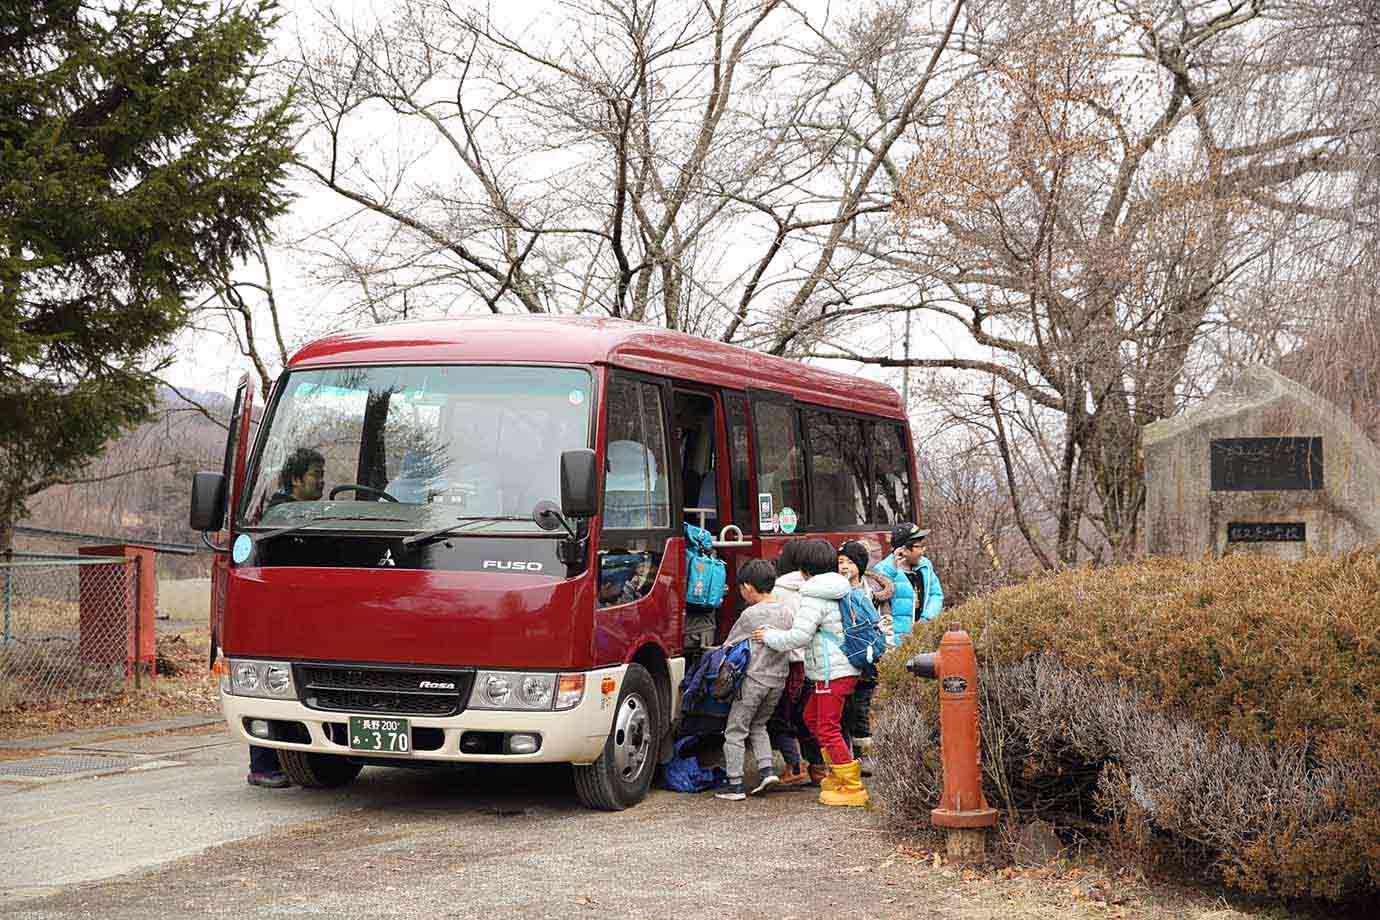 日本各地から佐久市などの近隣地域に移住して通学する児童が大半のため、送迎バスが用意されている